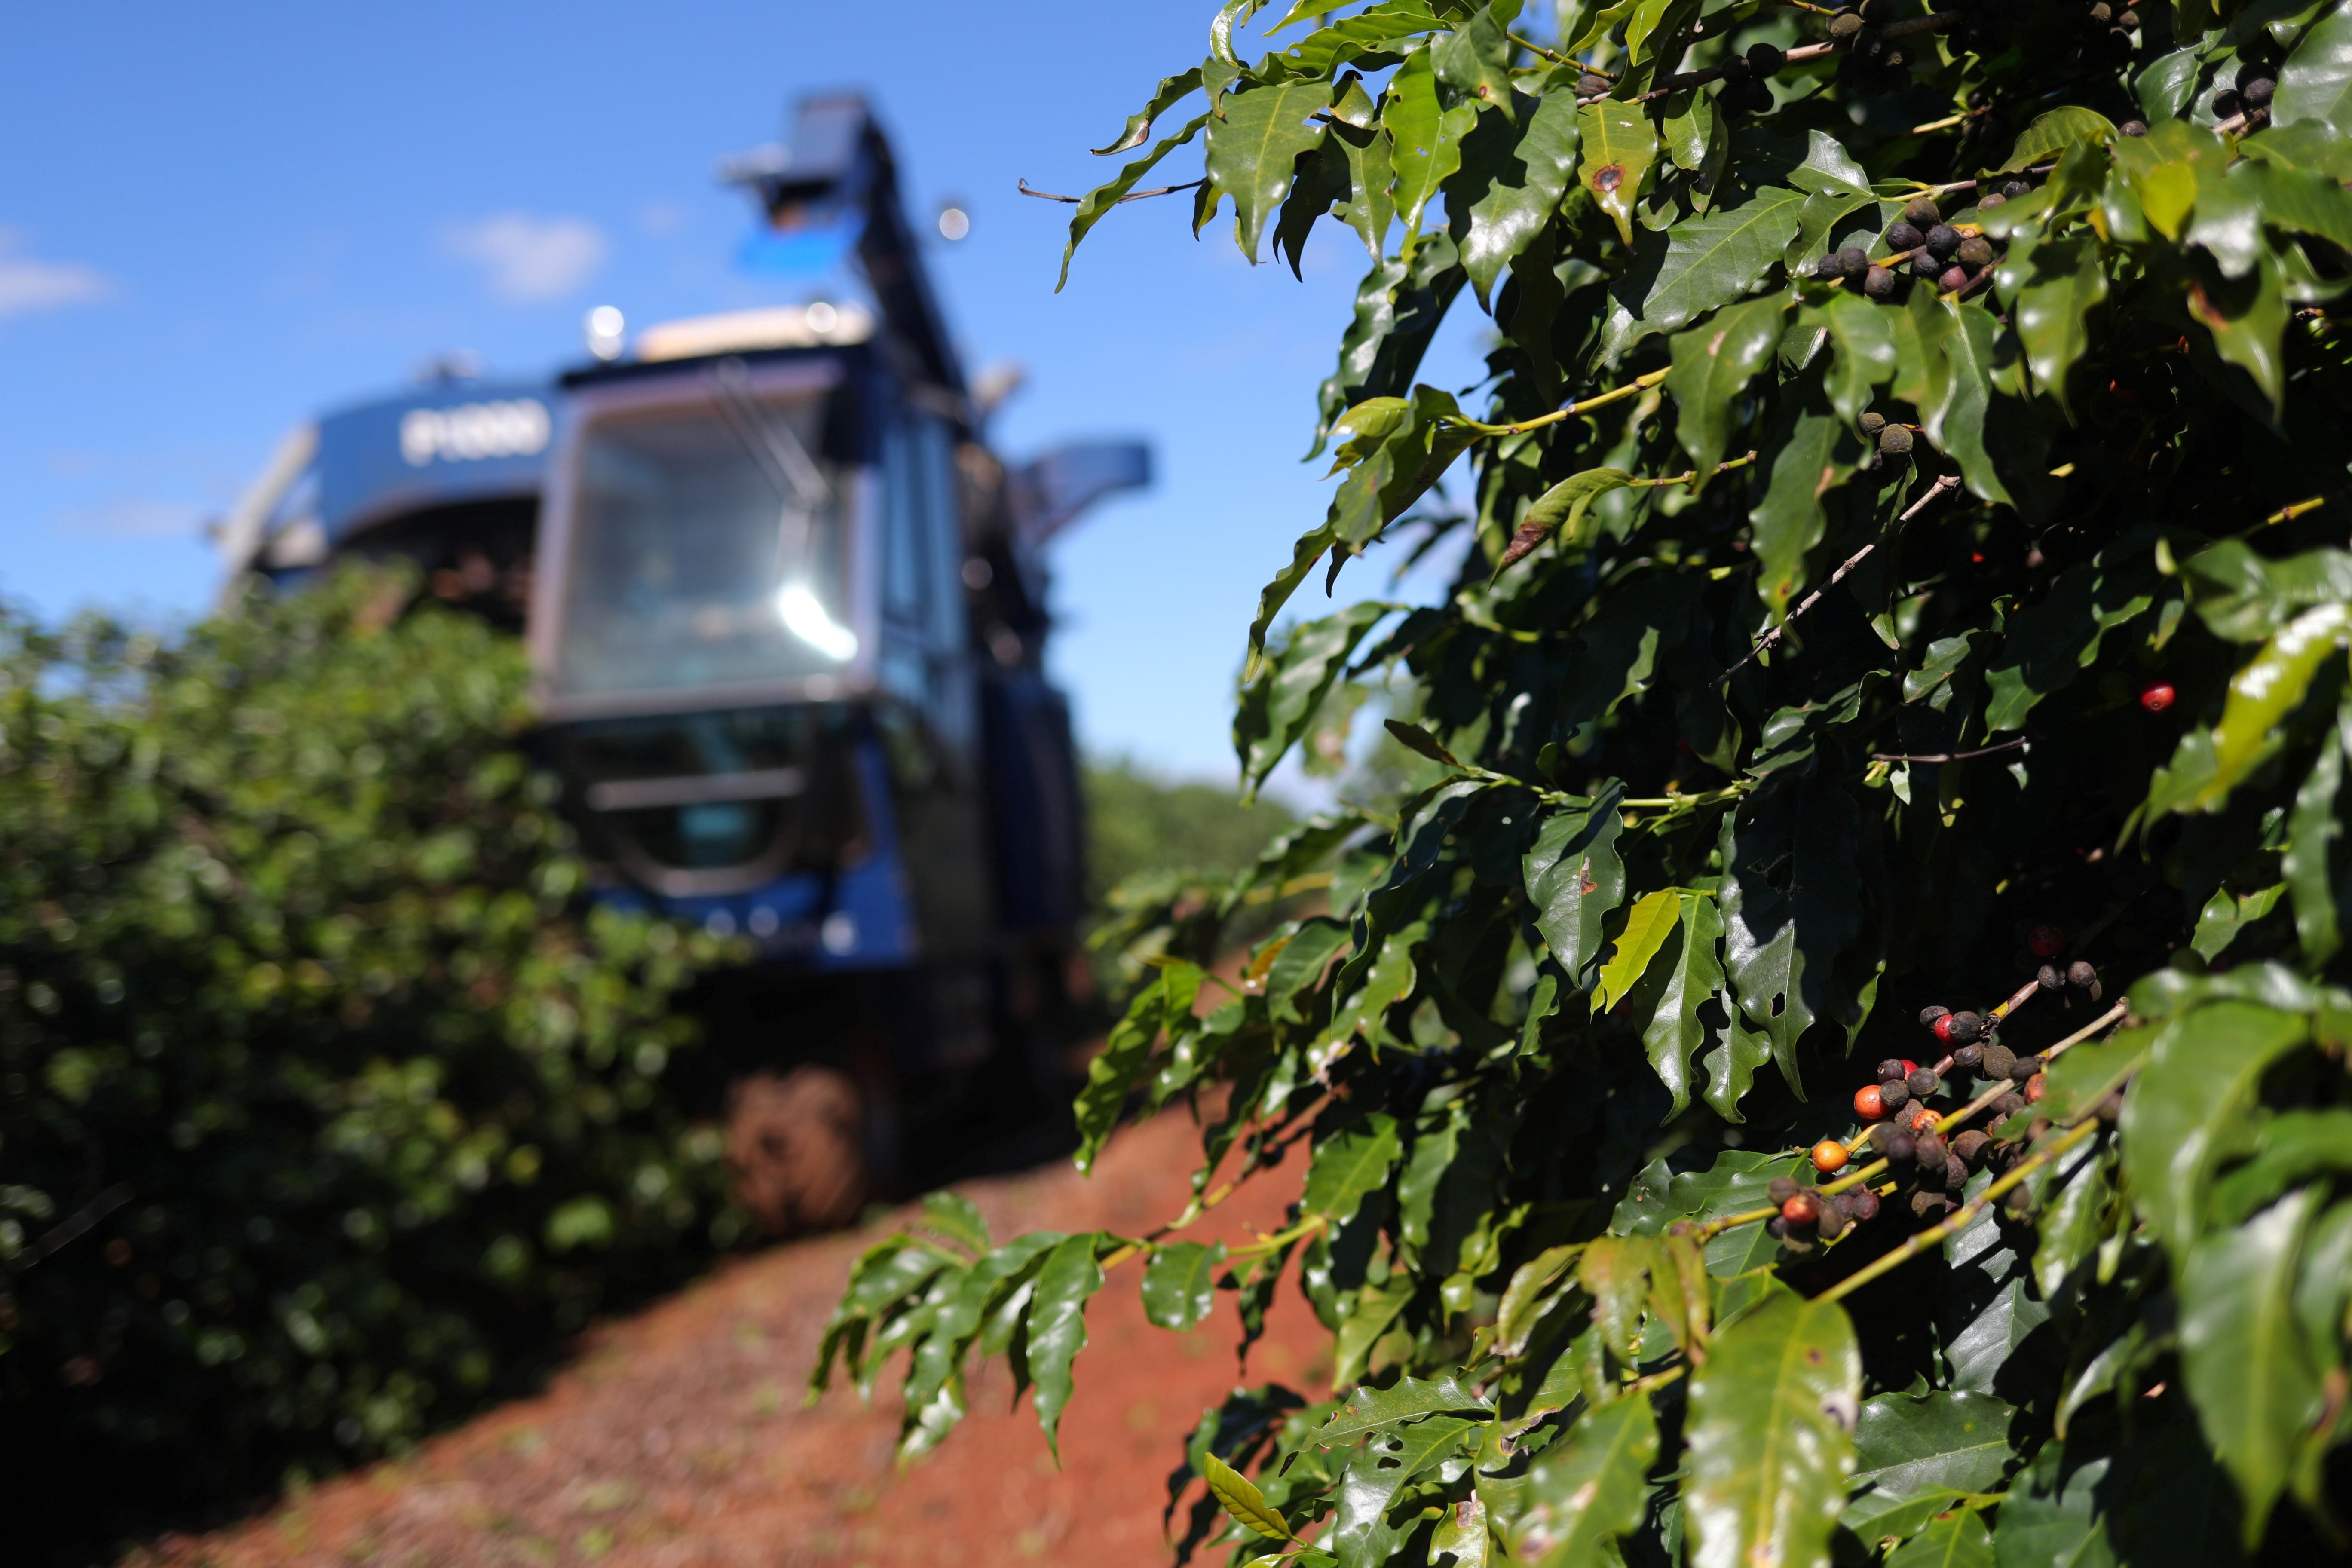 Colheitadeira avança sobre plantação de café em São João da Boa Vista (SP) (Foto: Reuters/Amanda Perobelli)